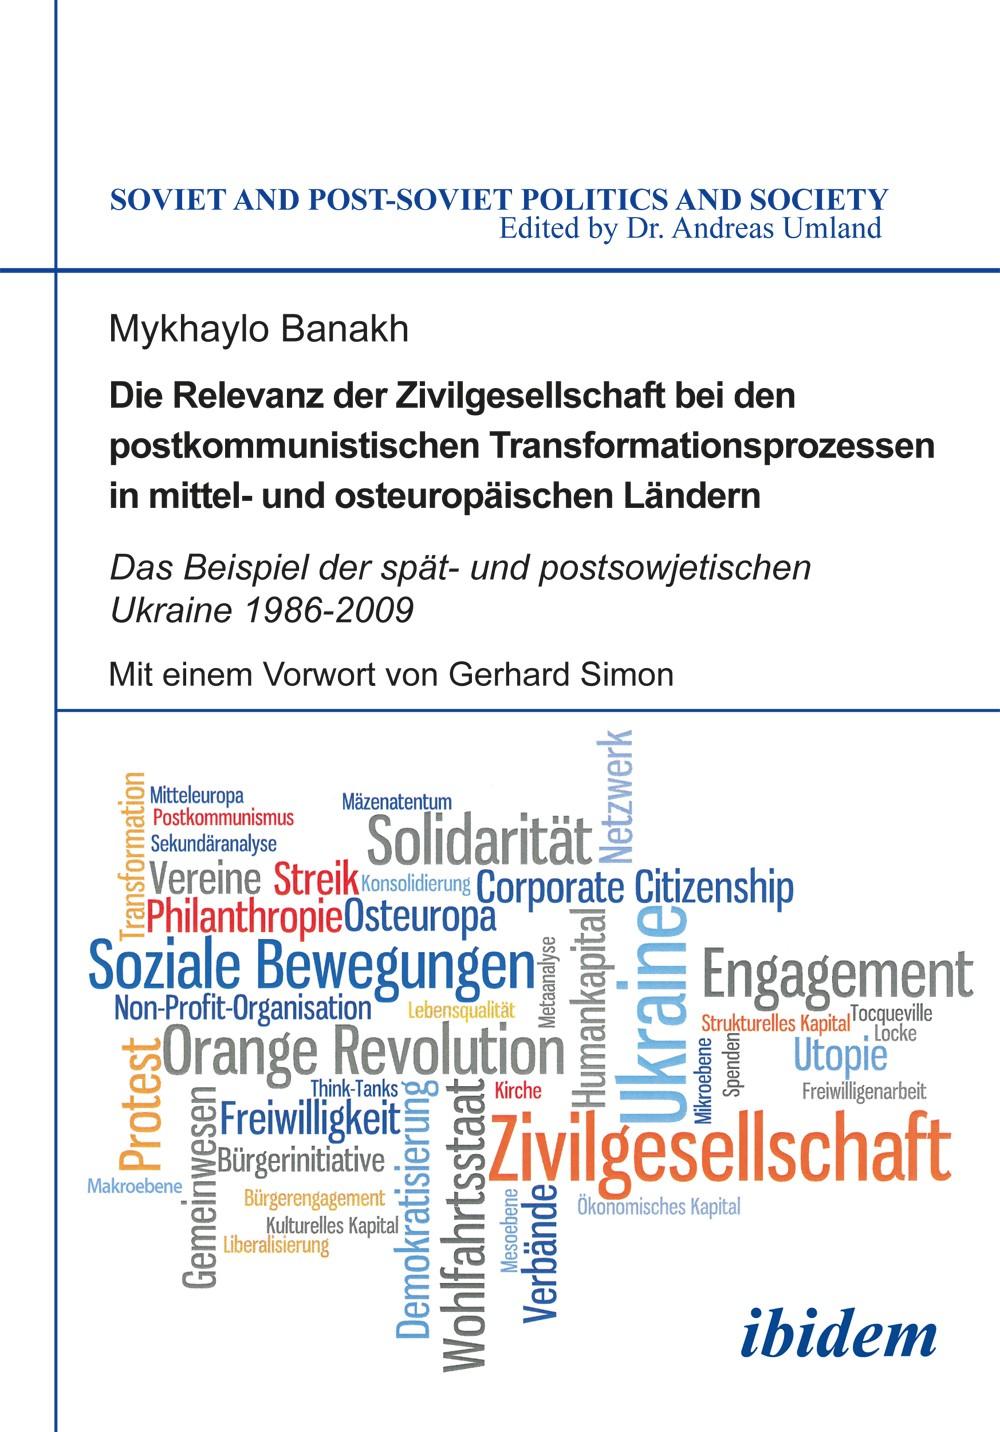 Die Relevanz der Zivilgesellschaft bei den postkommunistischen Transformationsprozessen in mittel- und osteuropäischen Ländern